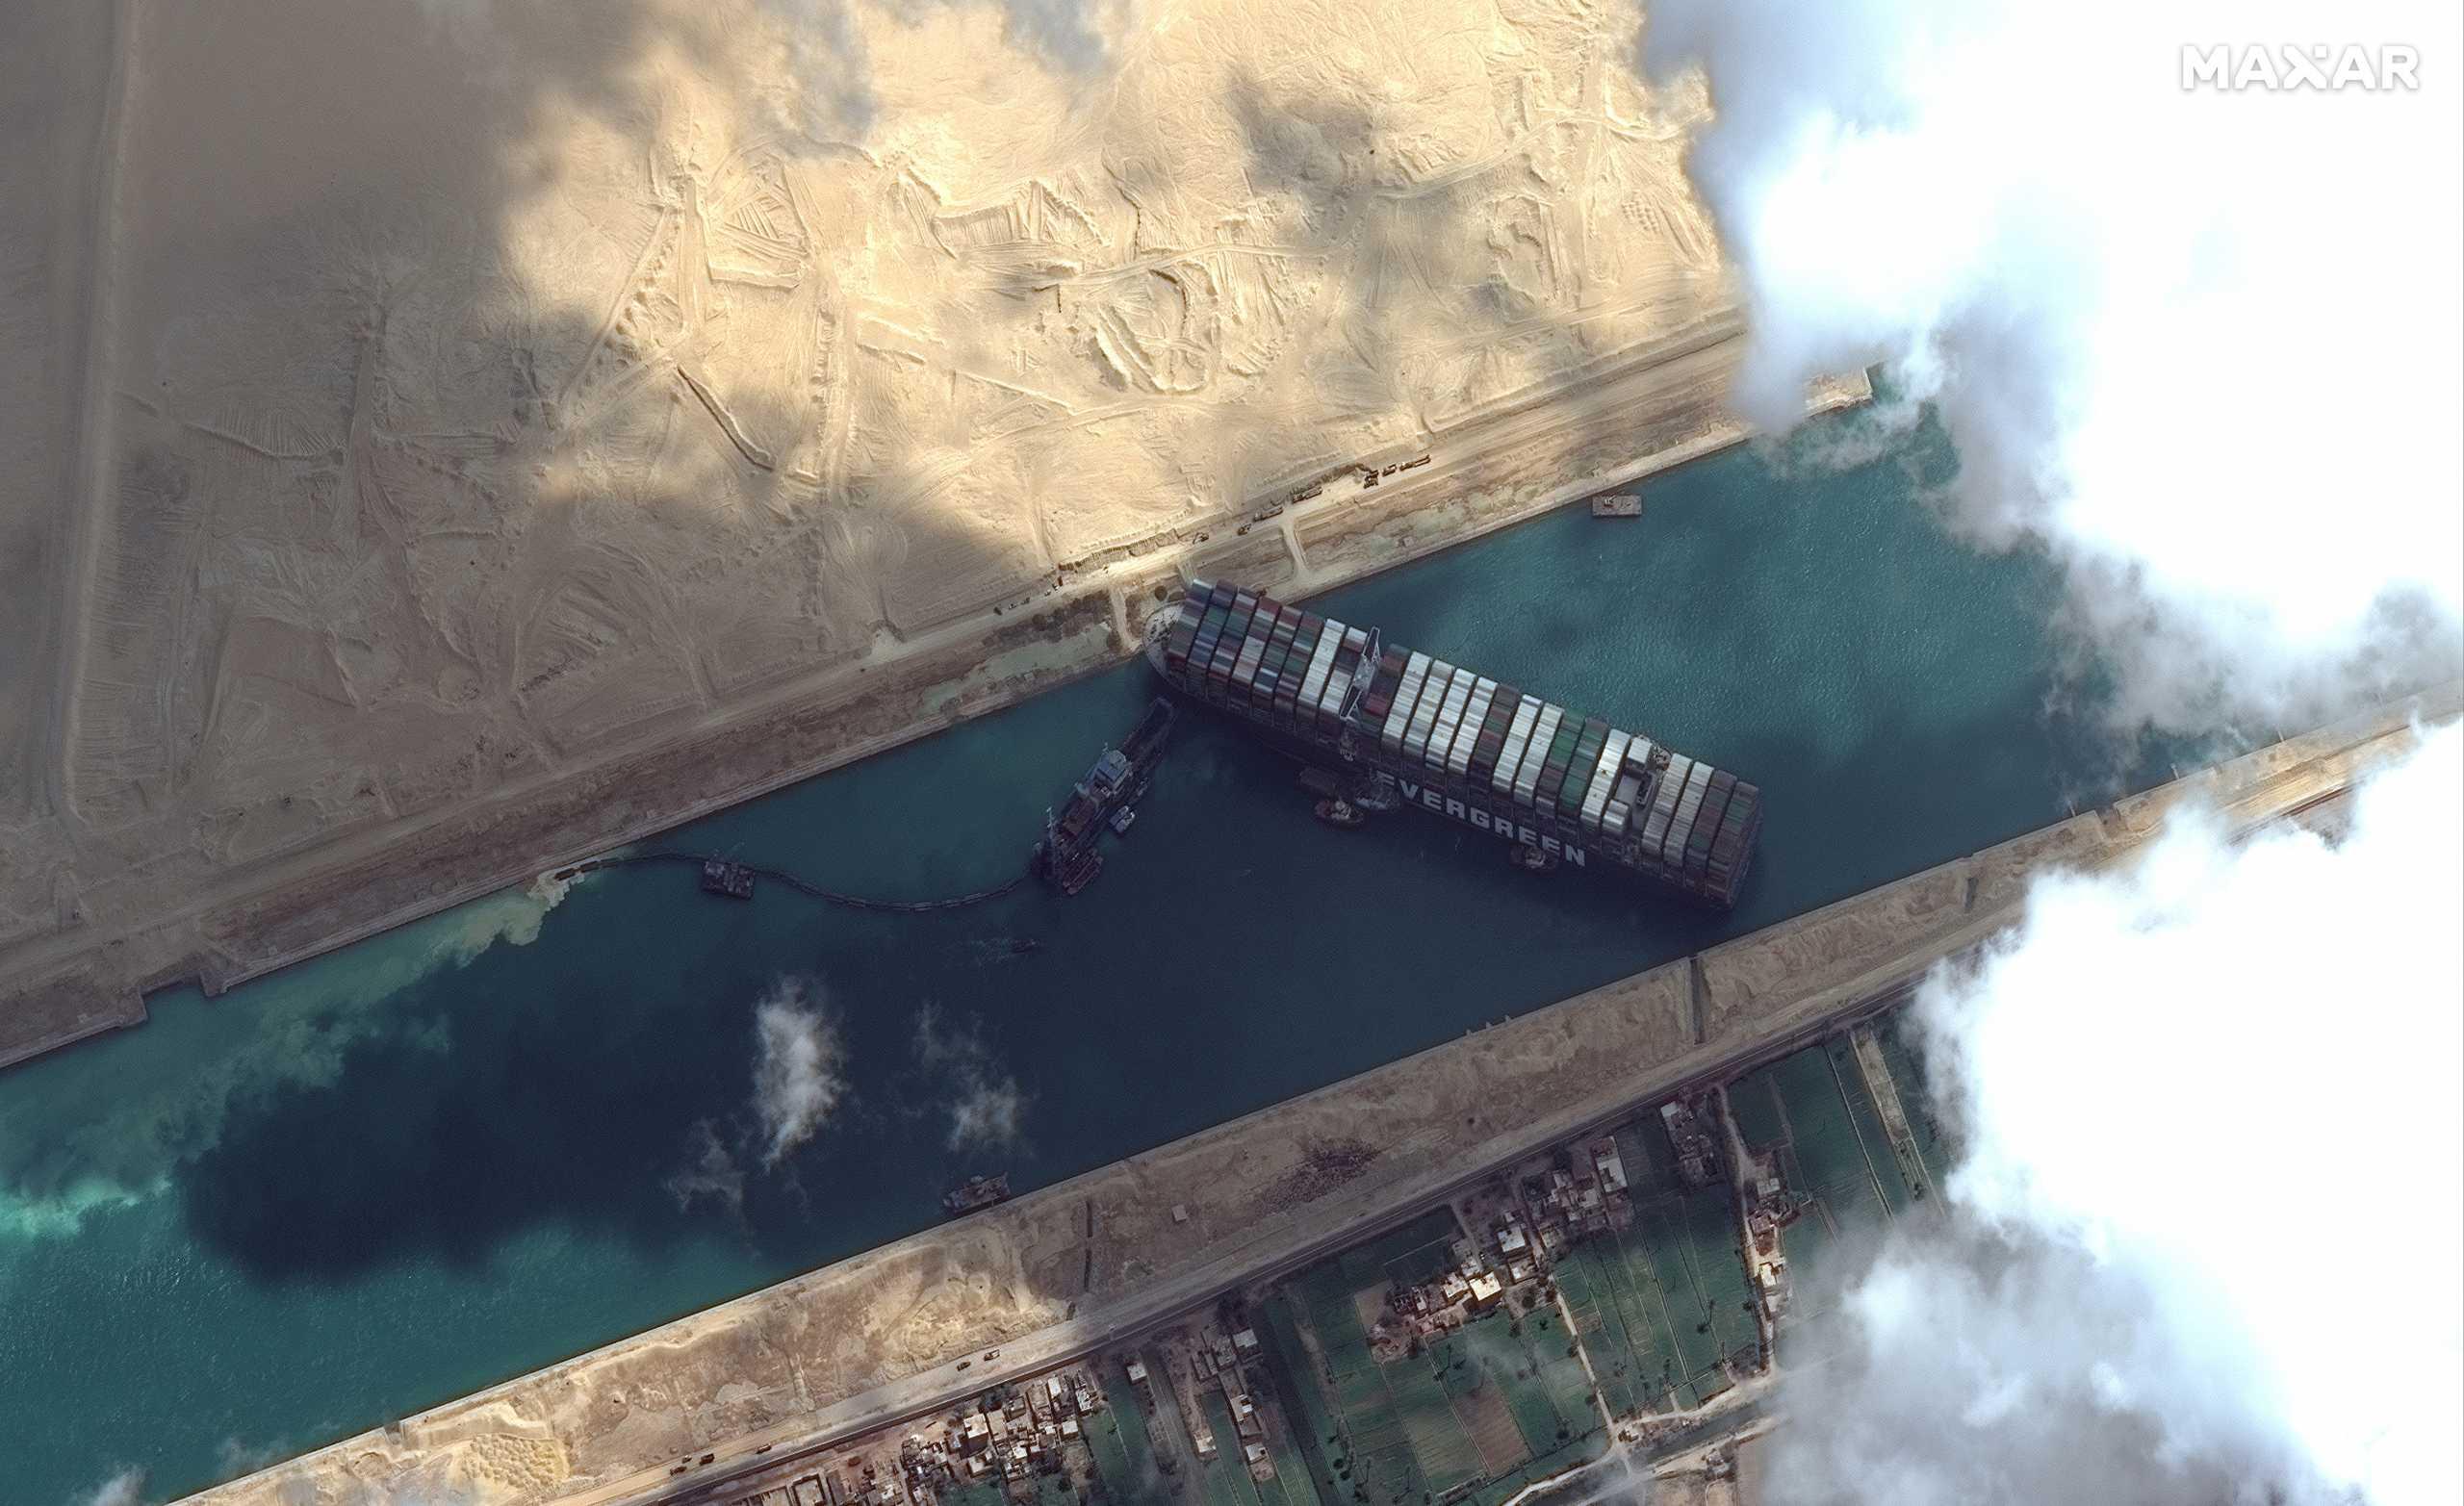 Διώρυγα του Σουέζ: Αποζημίωση 900 εκατ. δολάρια ζητά η Αίγυπτος από το Ever Given